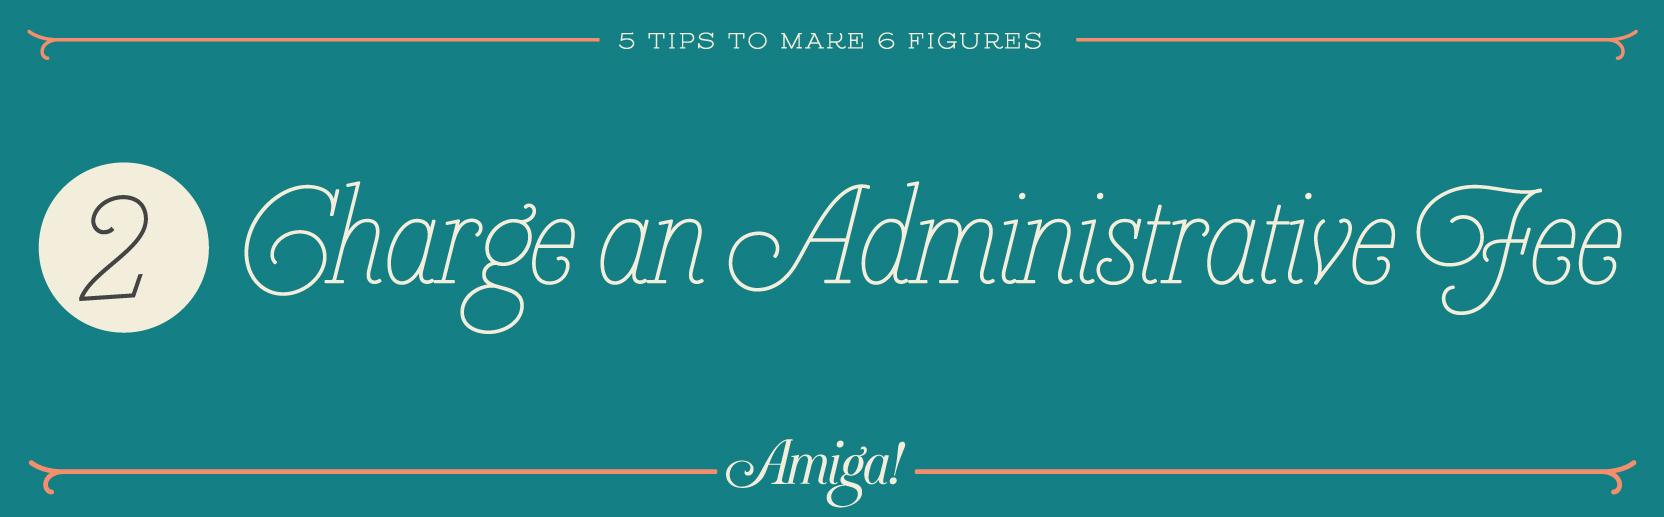 Amiga_tipsForSixFigs_working2.jpg